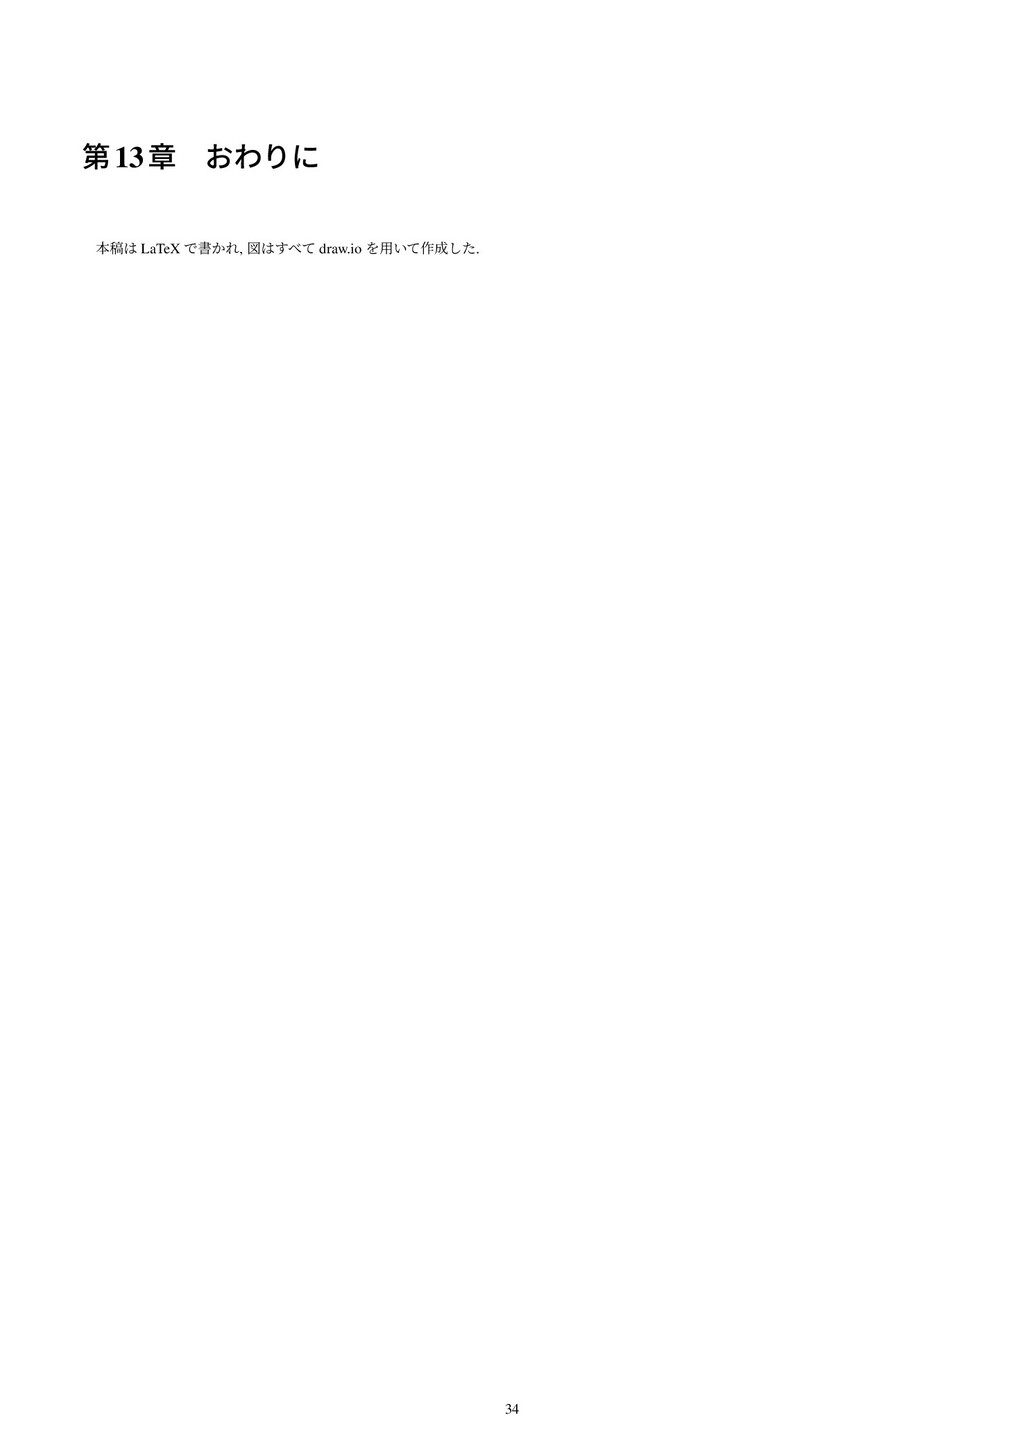 ୈ13ষ ͓ΘΓʹ ຊߘ LaTeX Ͱॻ͔Ε, ਤͯ͢ draw.io Λ༻͍ͯ࡞͠...